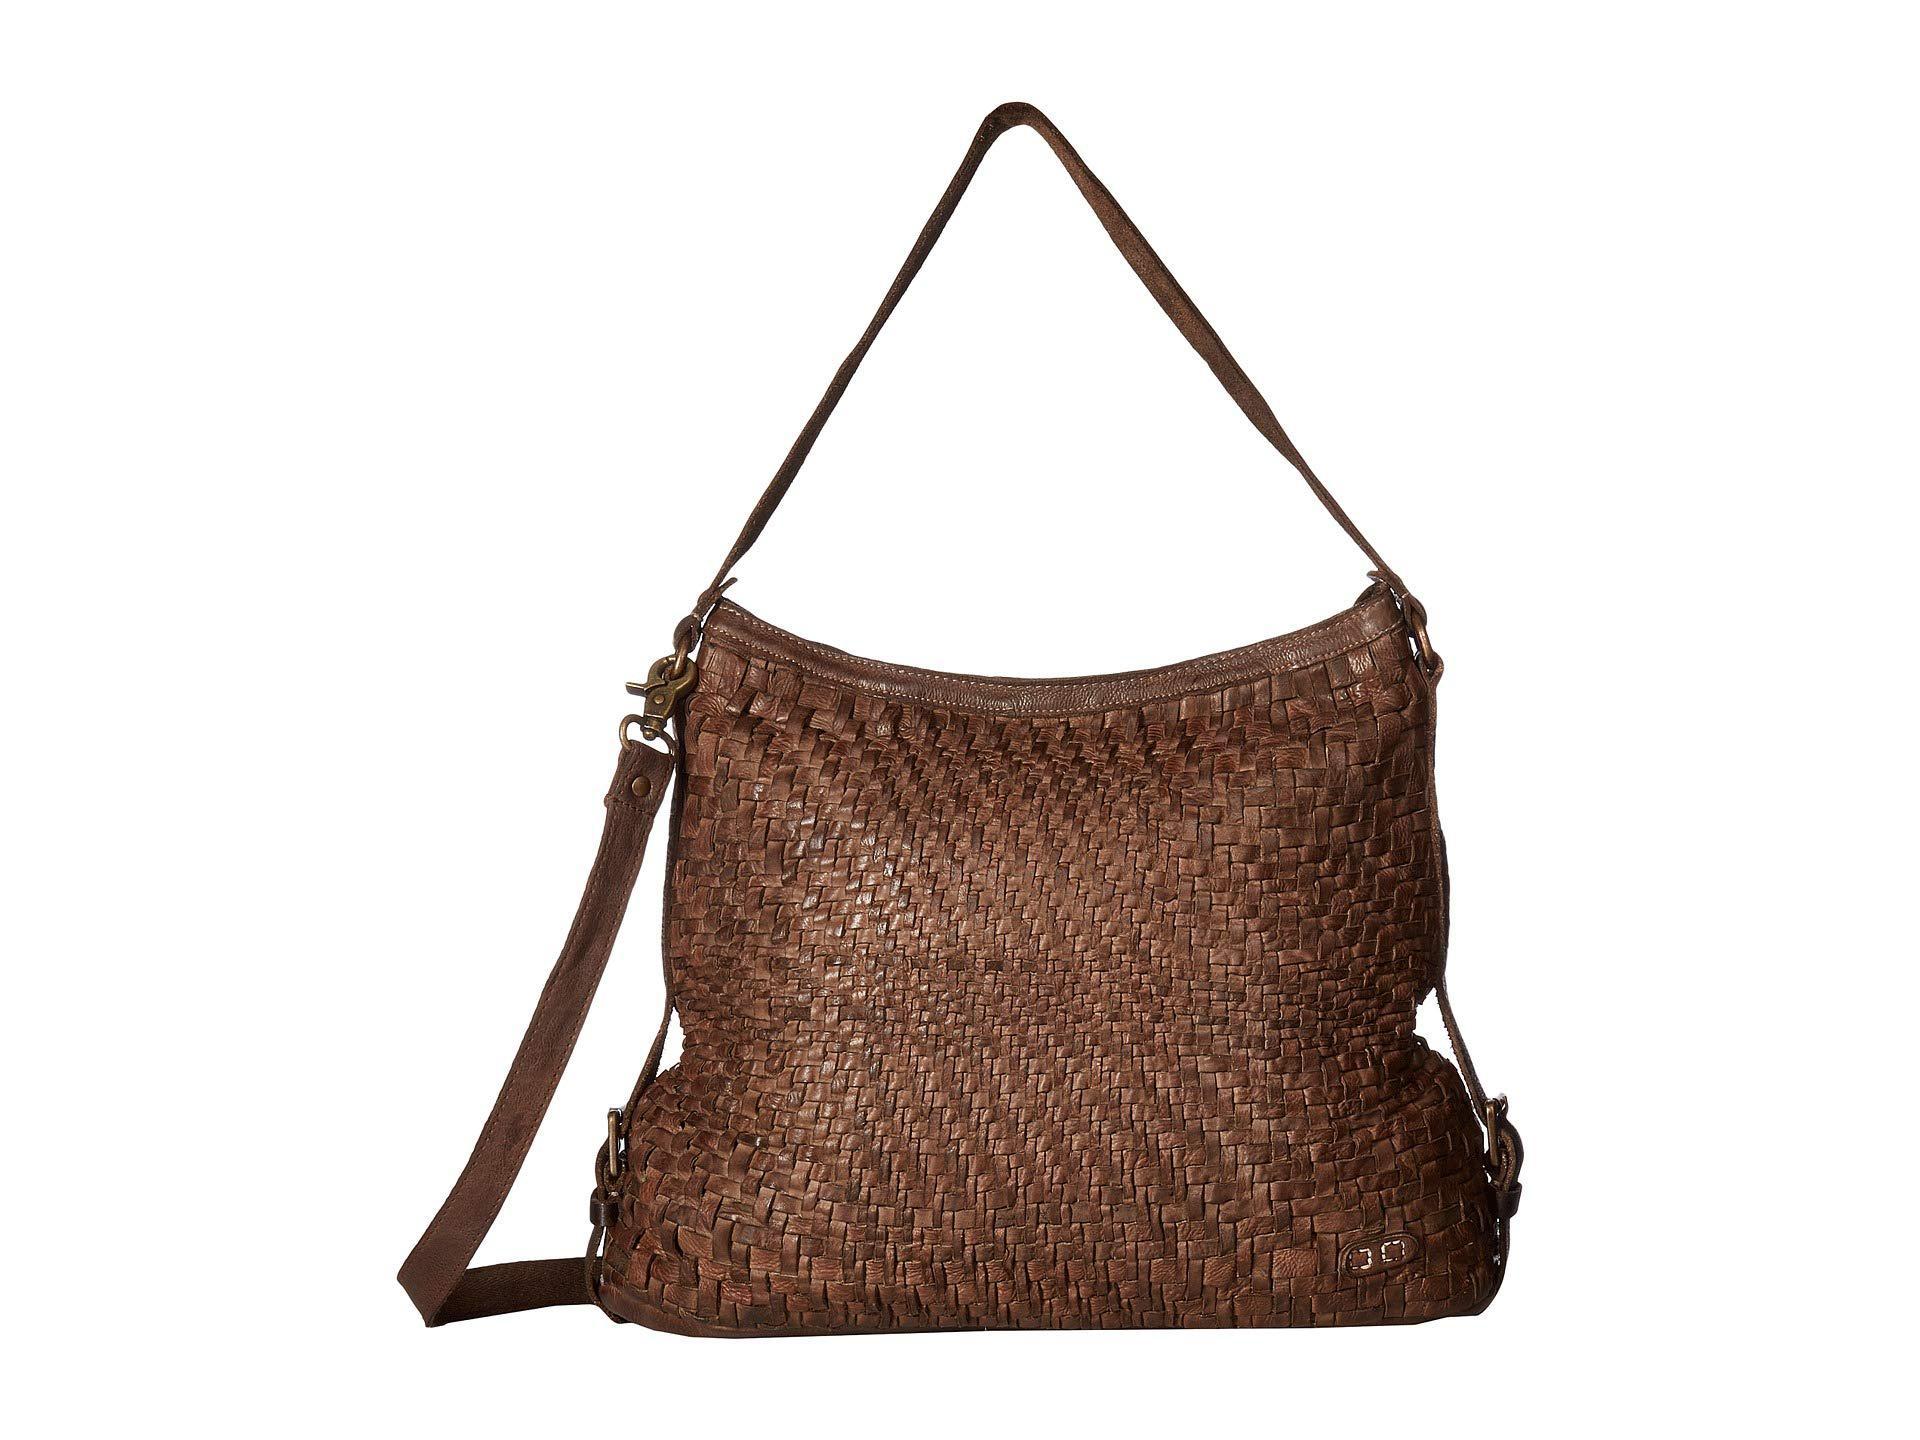 8ac87866d4 Lyst - Bed Stu Metz (olive Rustic) Handbags in Brown